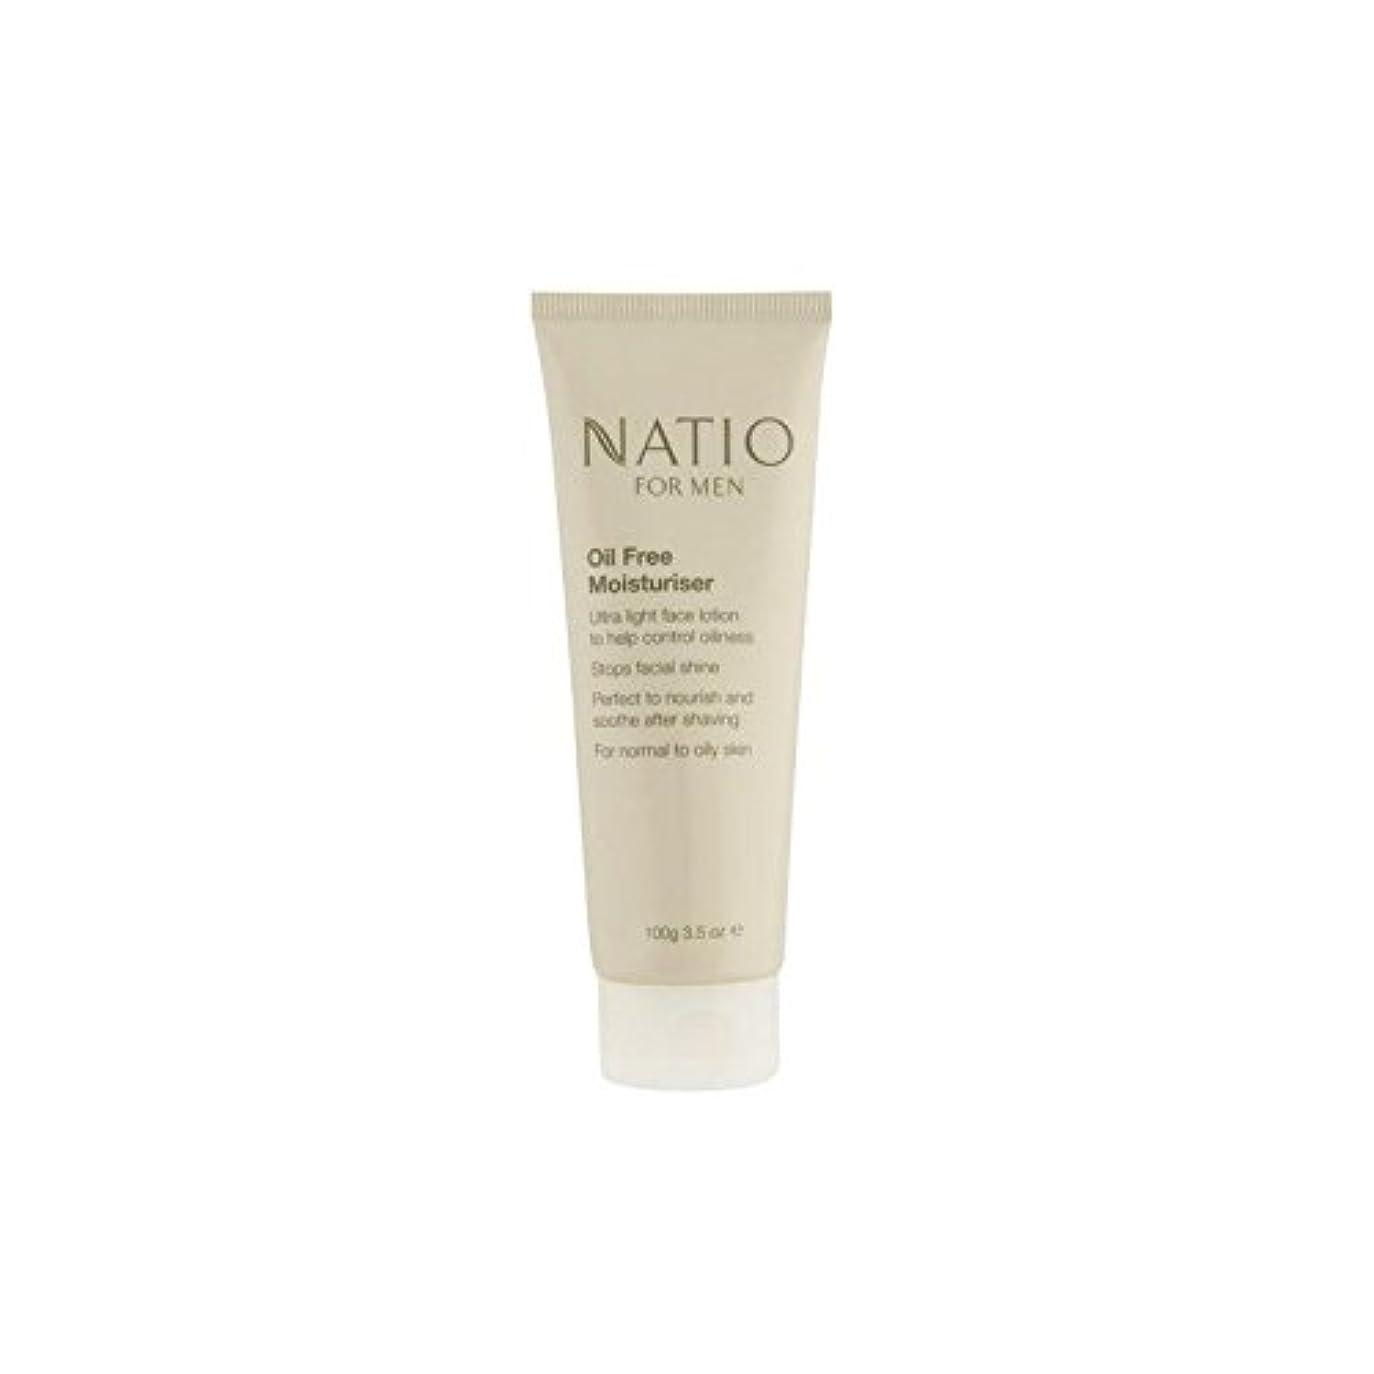 パラメータ香り鎮痛剤Natio For Men Oil Free Moisturiser (100G) (Pack of 6) - 男性のオイルフリーモイスチャライザー(100グラム)のための x6 [並行輸入品]